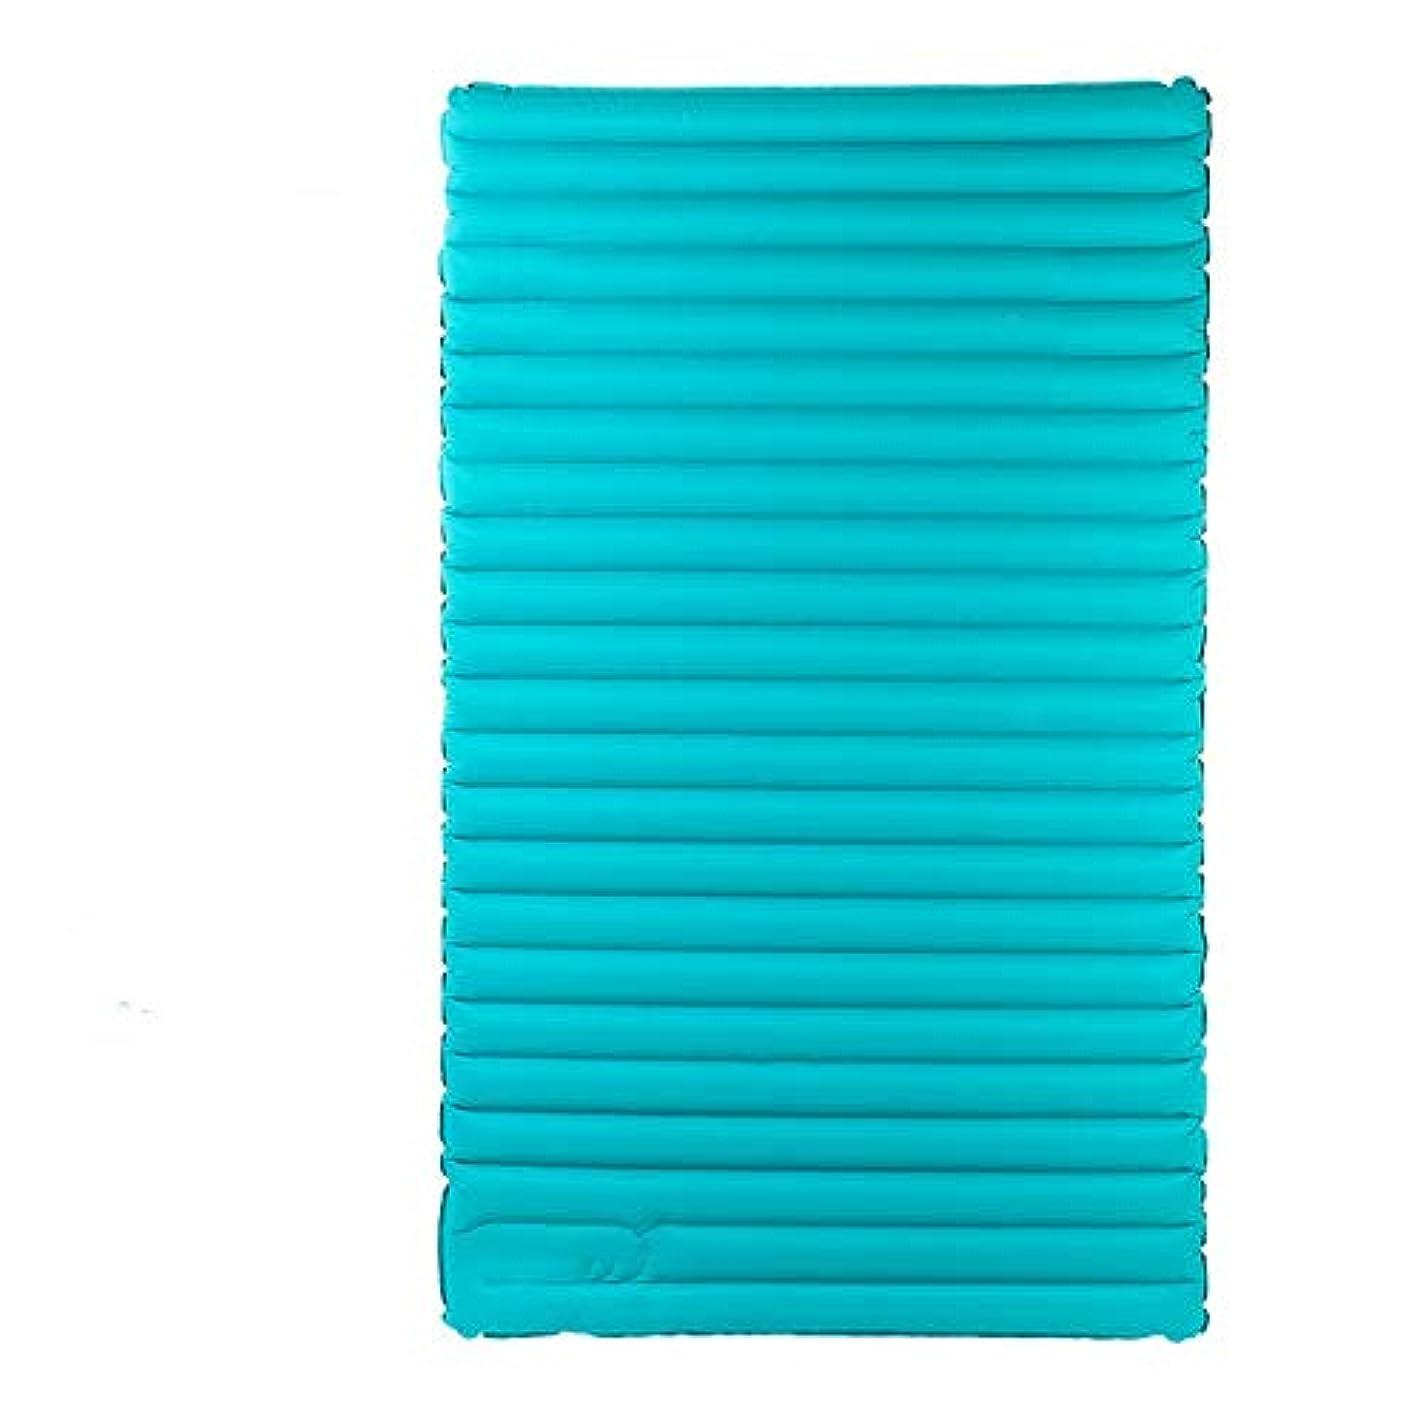 象高価なアレキサンダーグラハムベルChennong ダブルプレス超軽量インフレータブルクッション屋外テント睡眠マットマット厚いパッド入りインフレータブルベッドミディアムベッド (Color : Light blue)